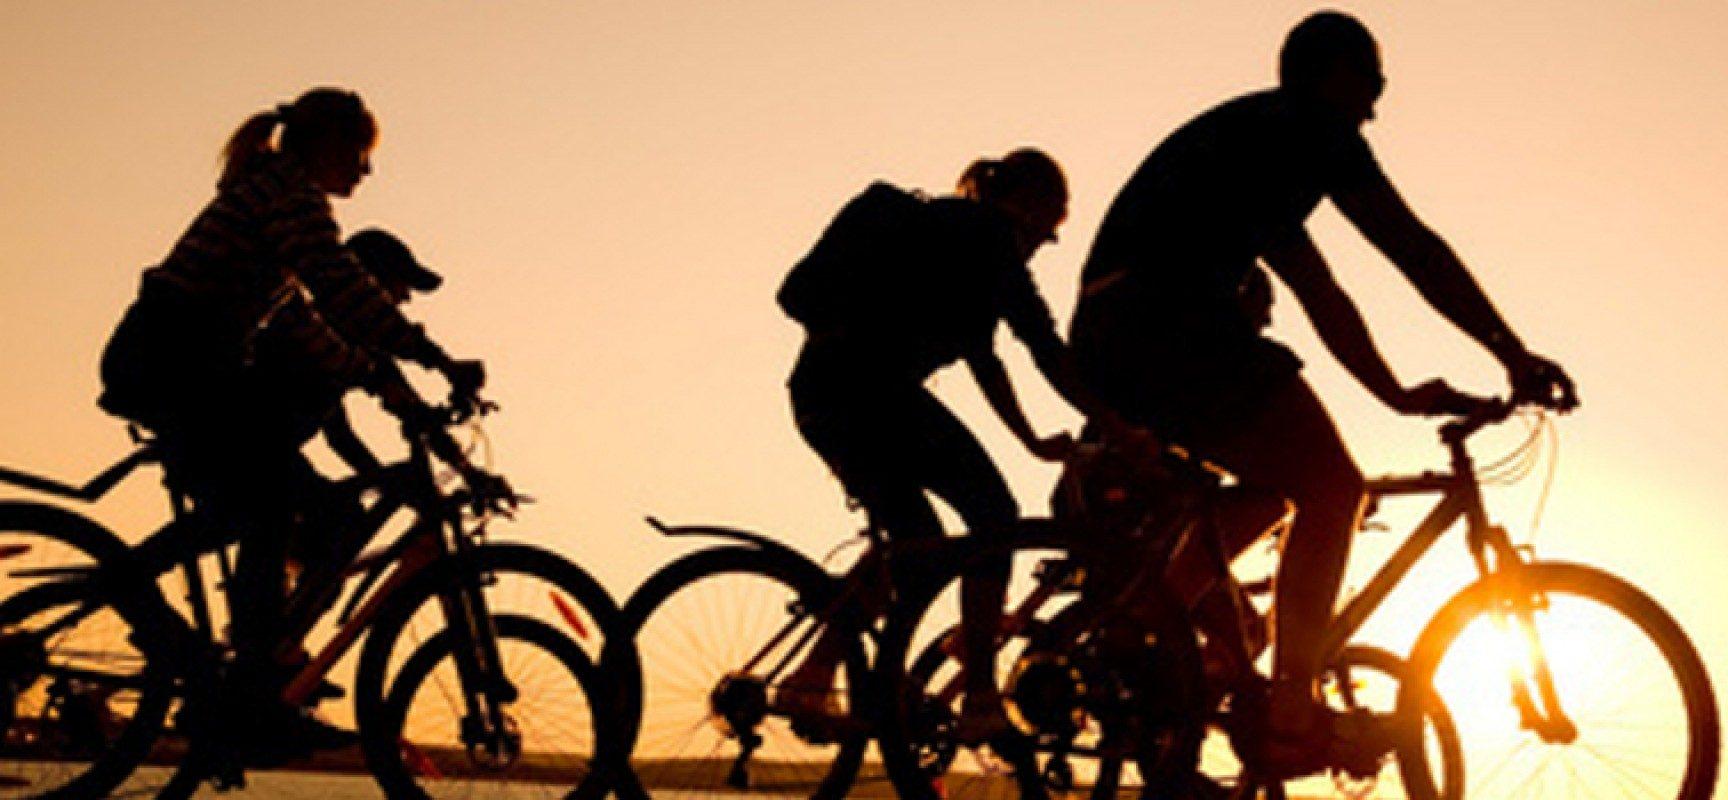 """Settimana Europea della Mobilità Sostenibile, Biciliae organizza """"In bici per l'ambiente"""""""